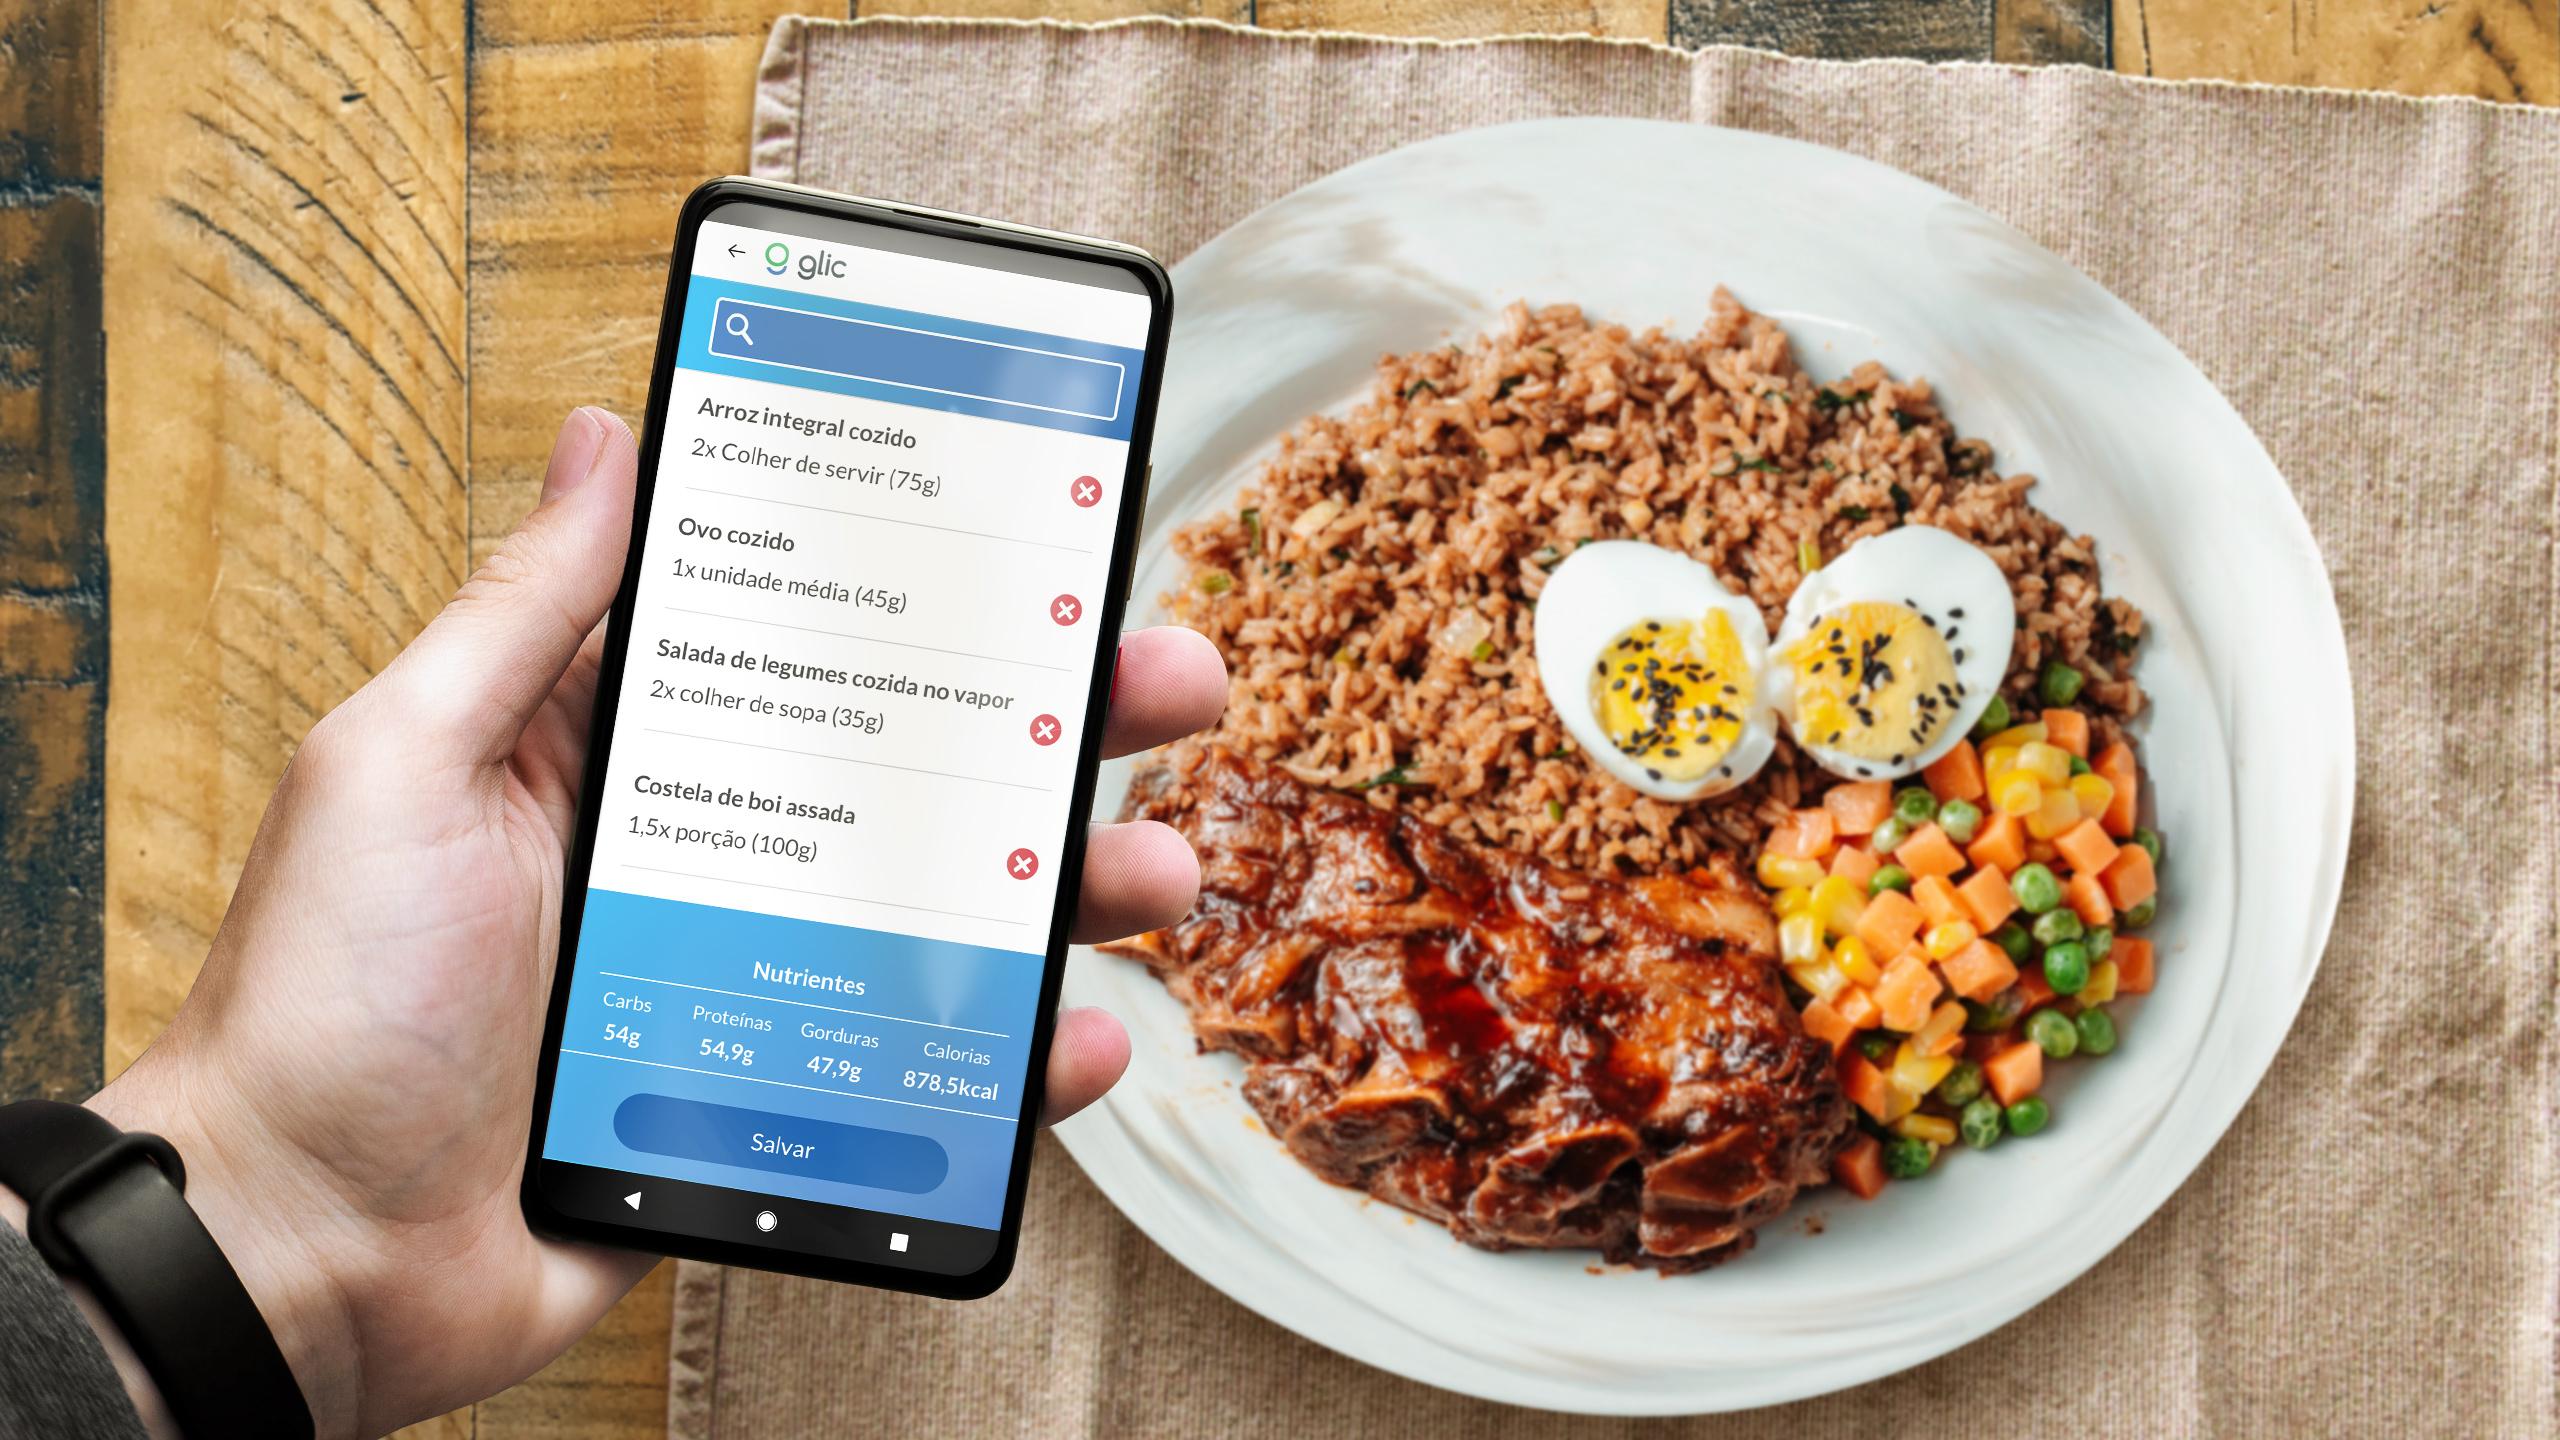 Uma pessoa segura um celular na mão com a tela do Glic app aberta indicando os alimentos que está ingerindo, ao fundo um prato de comida sobre uma mesa de madeira com arroz, ovos, legumes e costela de boi